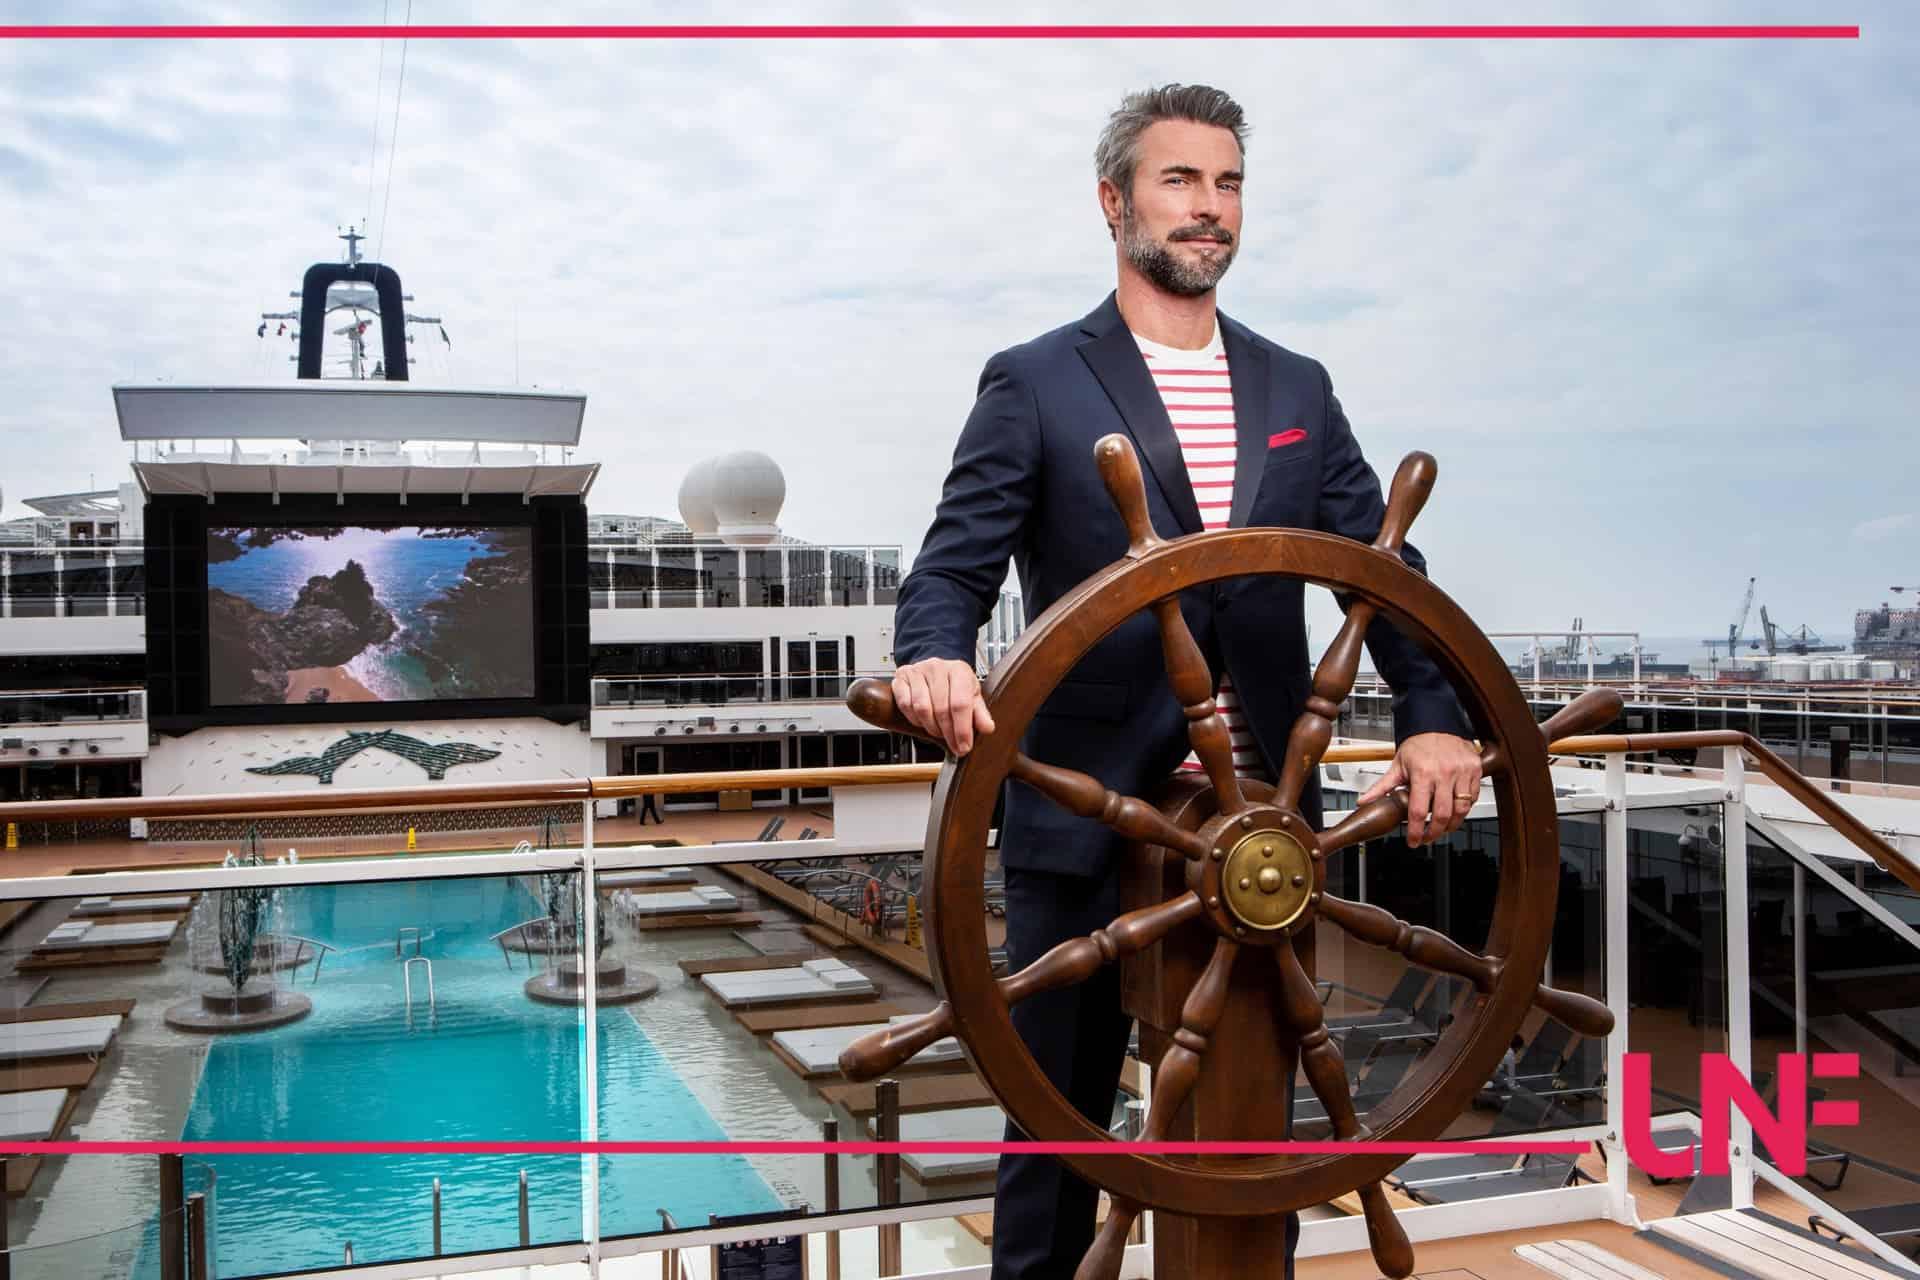 Primo appuntamento crociera: Flavio Montrucchio salpa con la nave dell'amore